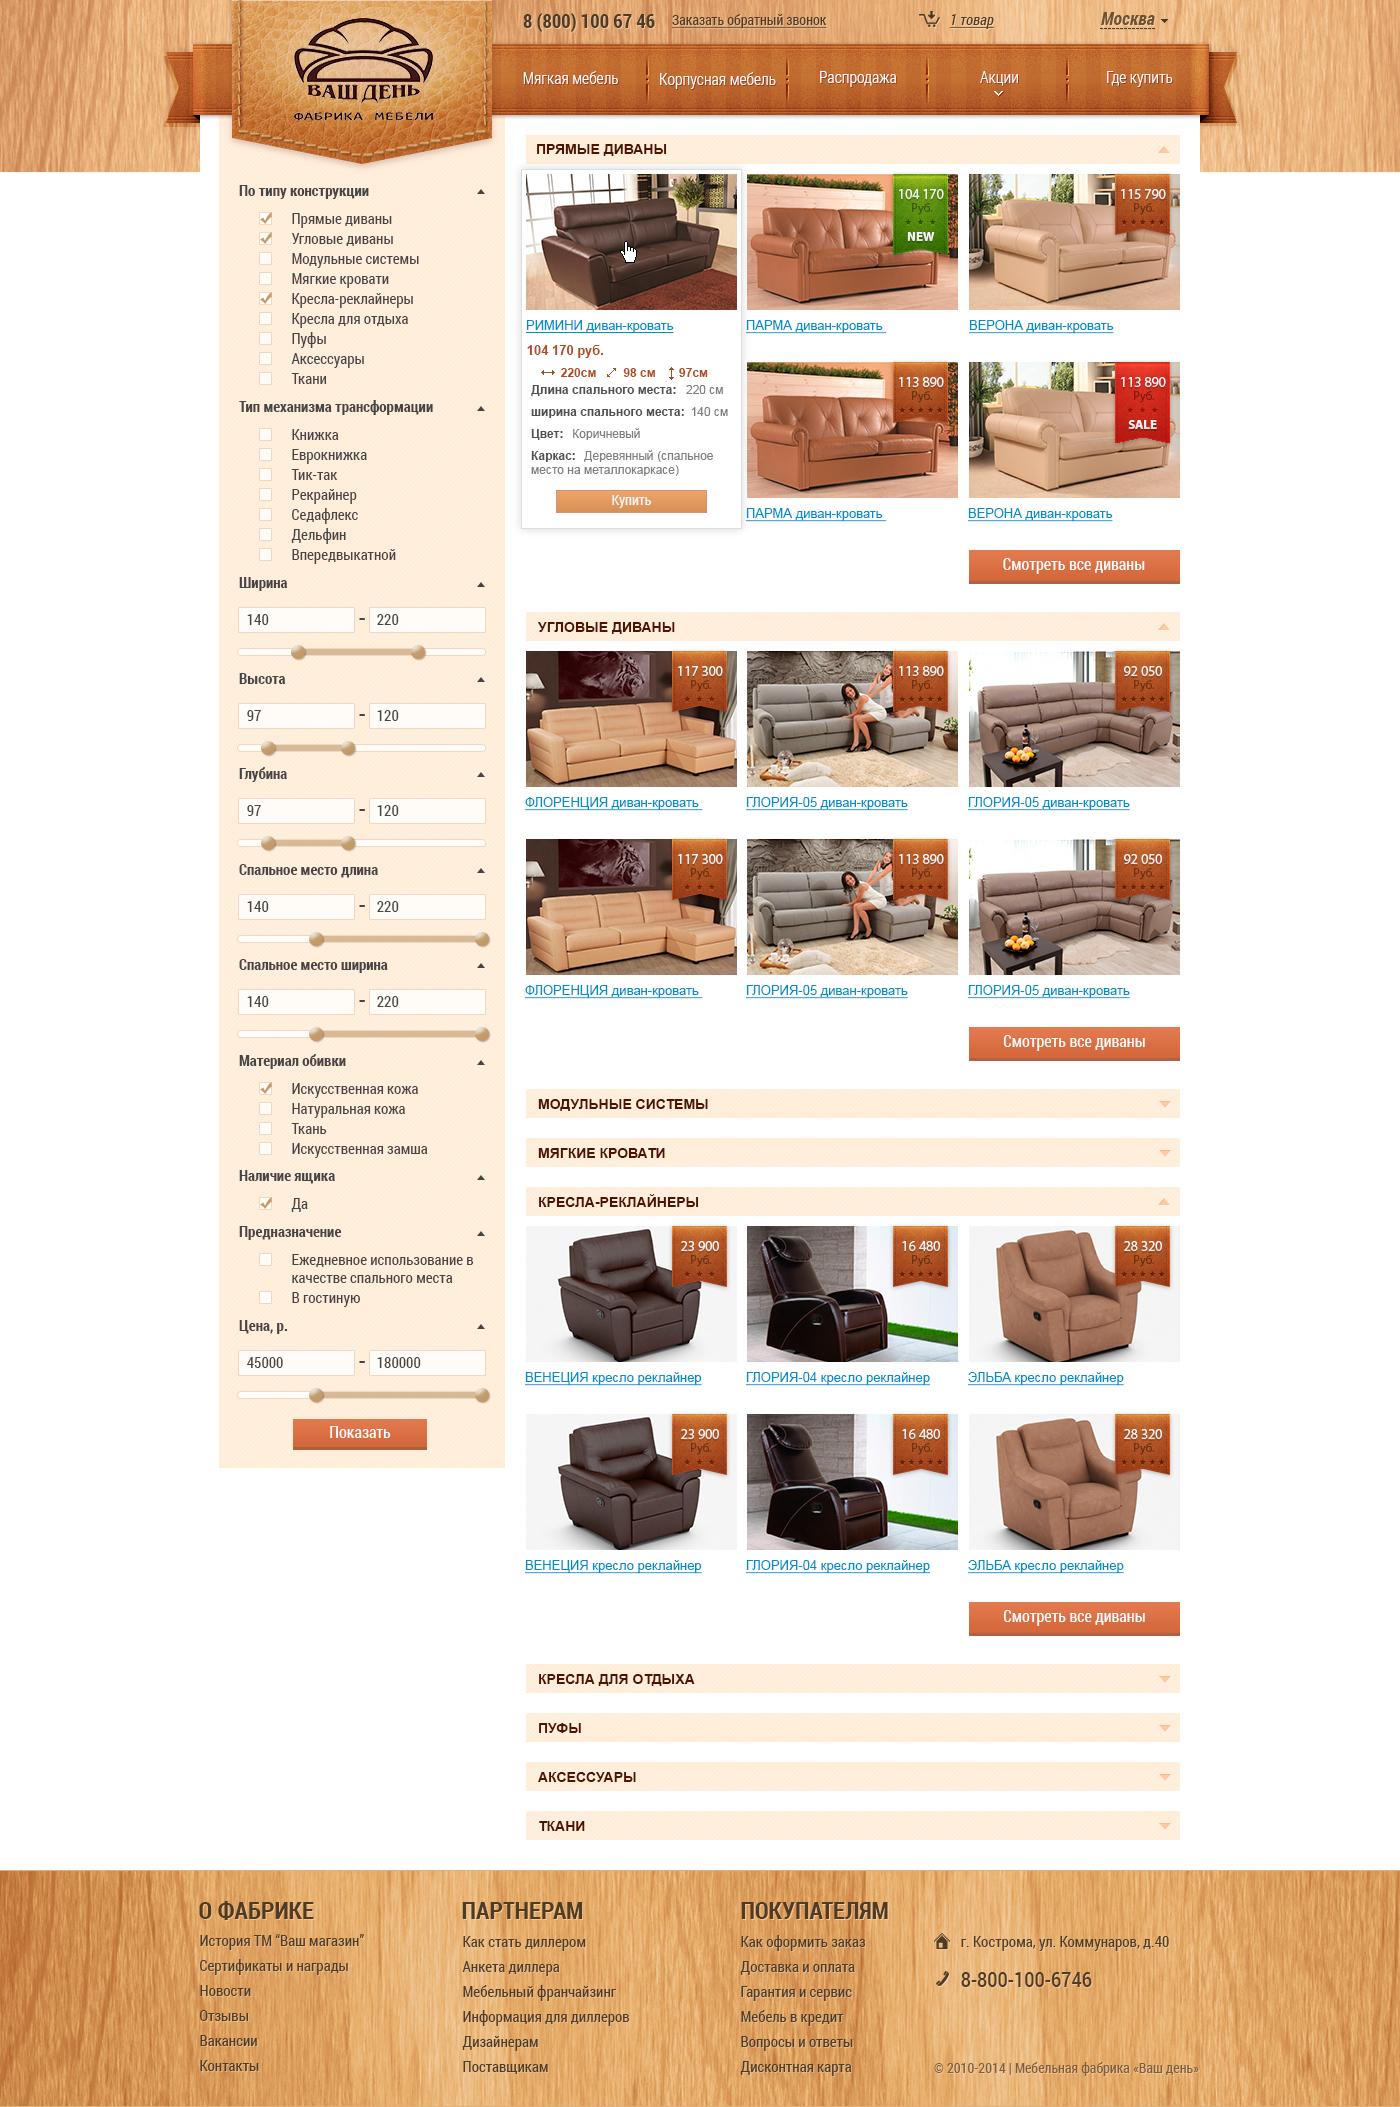 Разработать дизайн для интернет-магазина мебели фото f_14752f5c70cdcbed.jpg